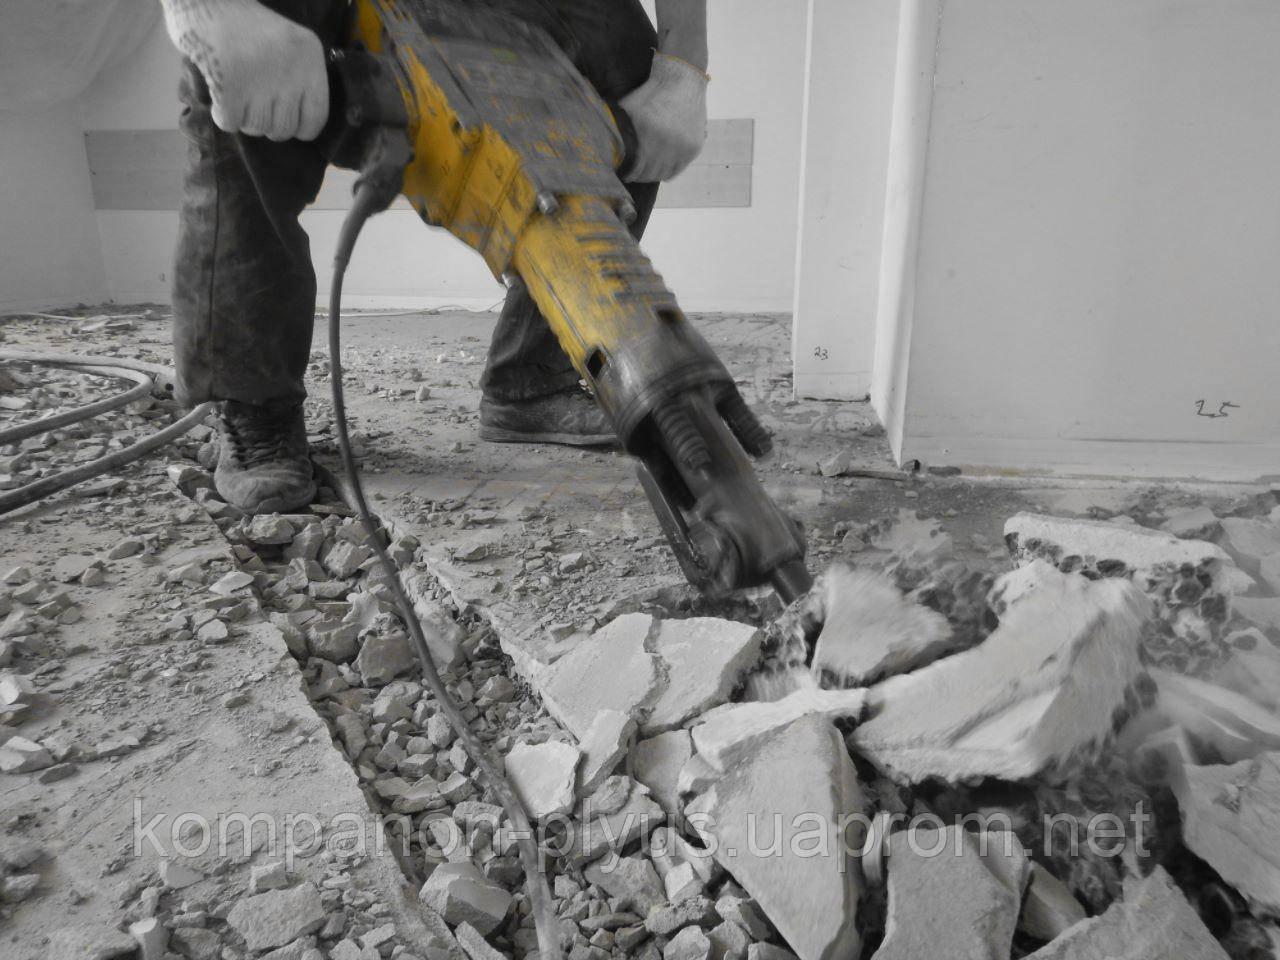 Сломать стену, перегородку, пол Стять плитку штукатурку стяжку паркет